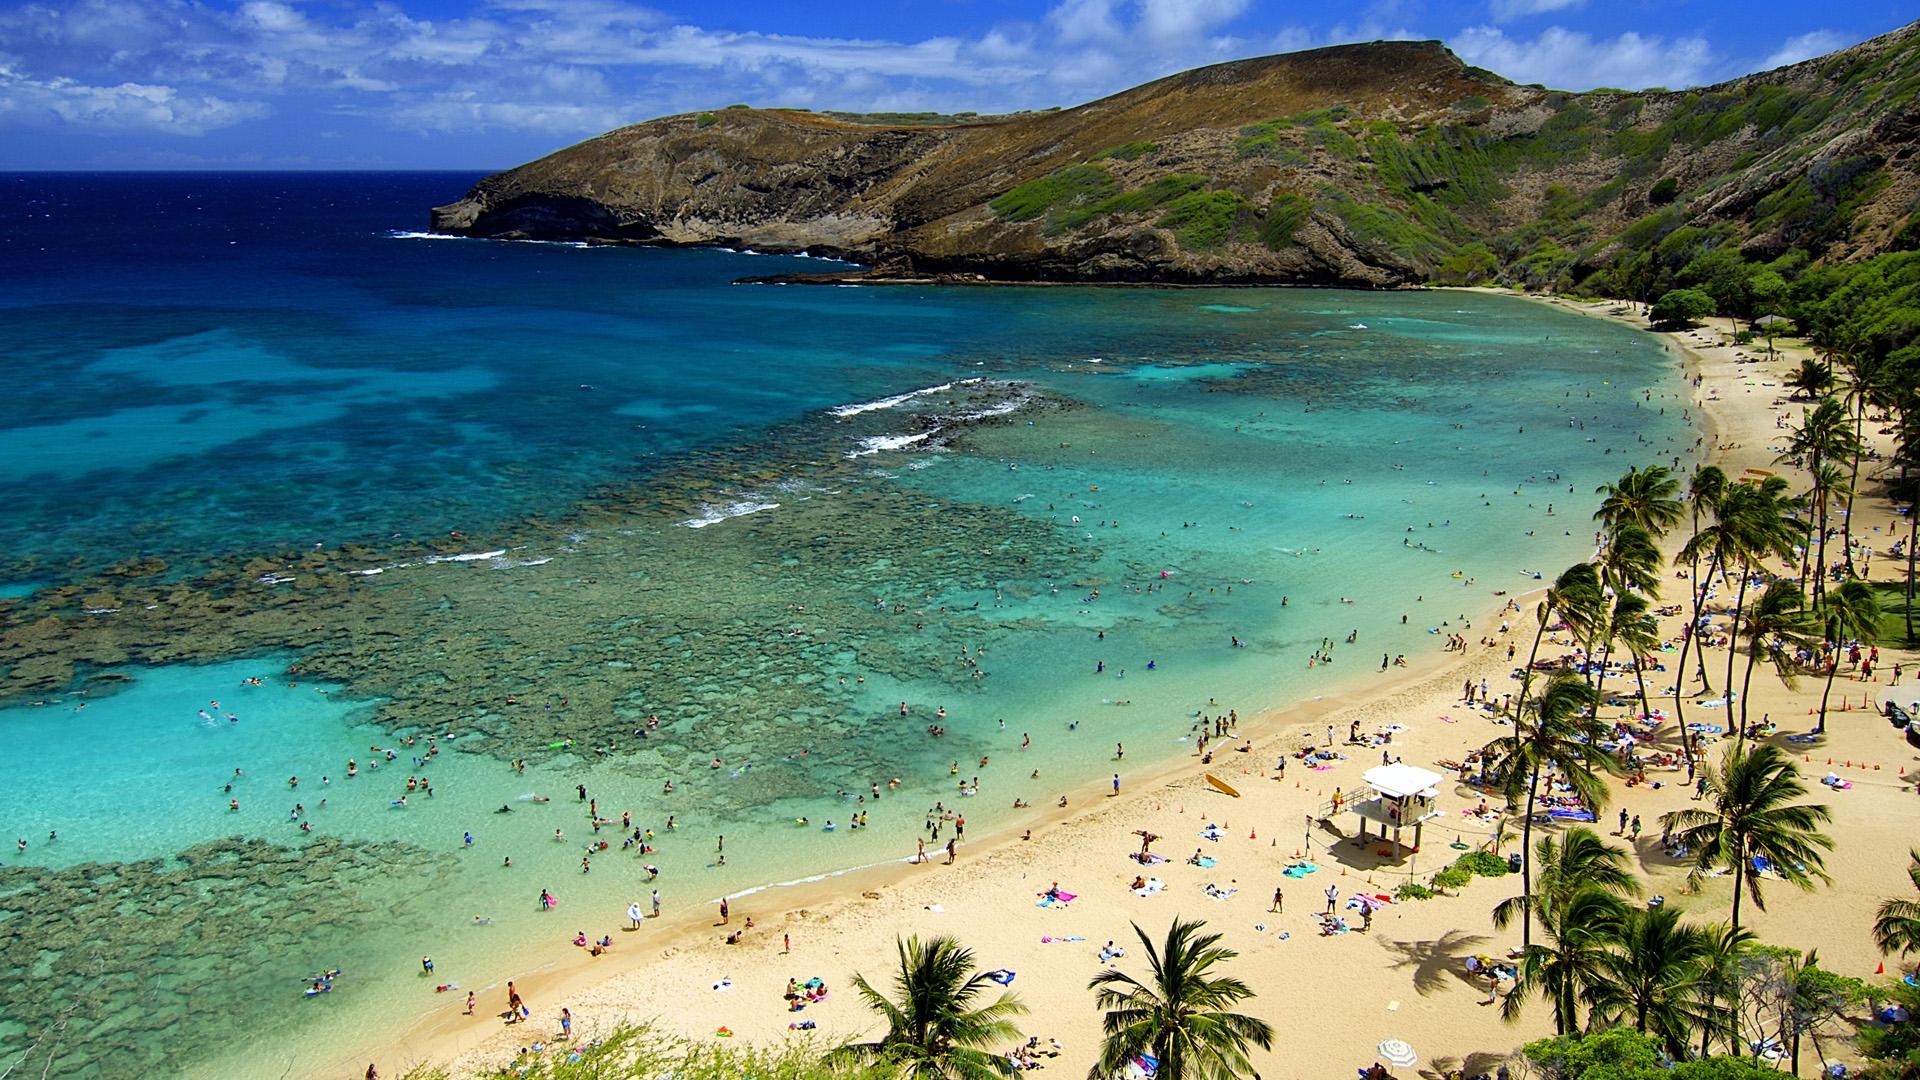 Afternoon Hawaii Beach Wallpaper Wide #13126 Wallpaper   Wallpaper ...